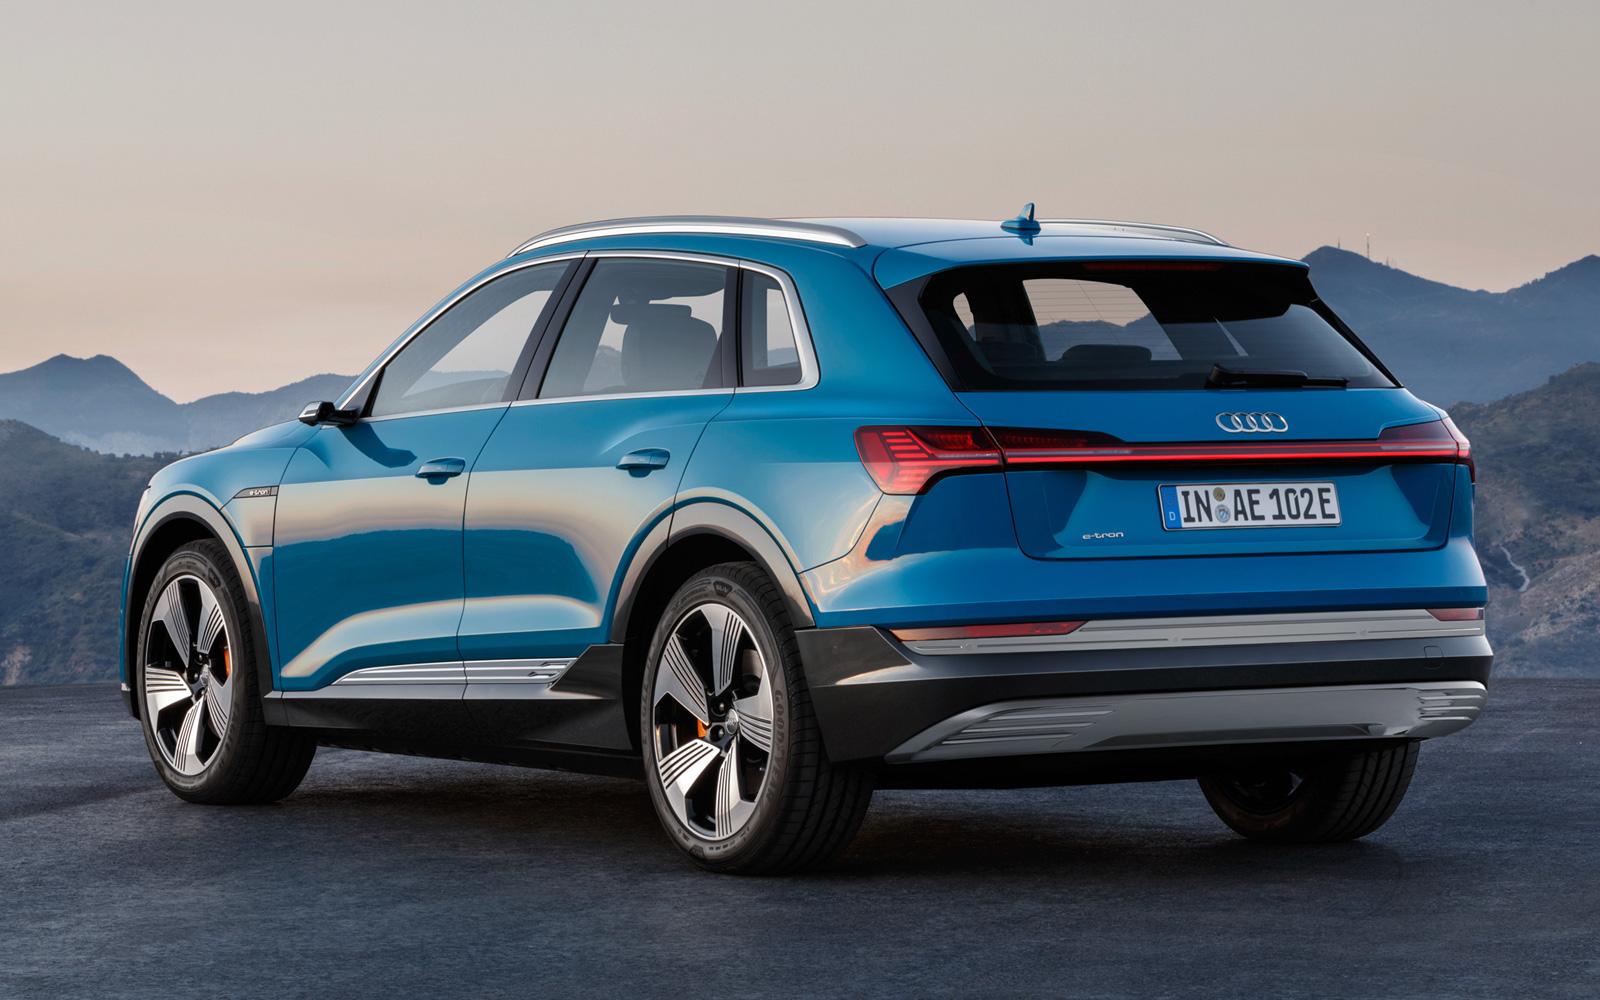 Немецкий концерн Audi заявил о намерениях полностью перейти на электрокары в 2026 году